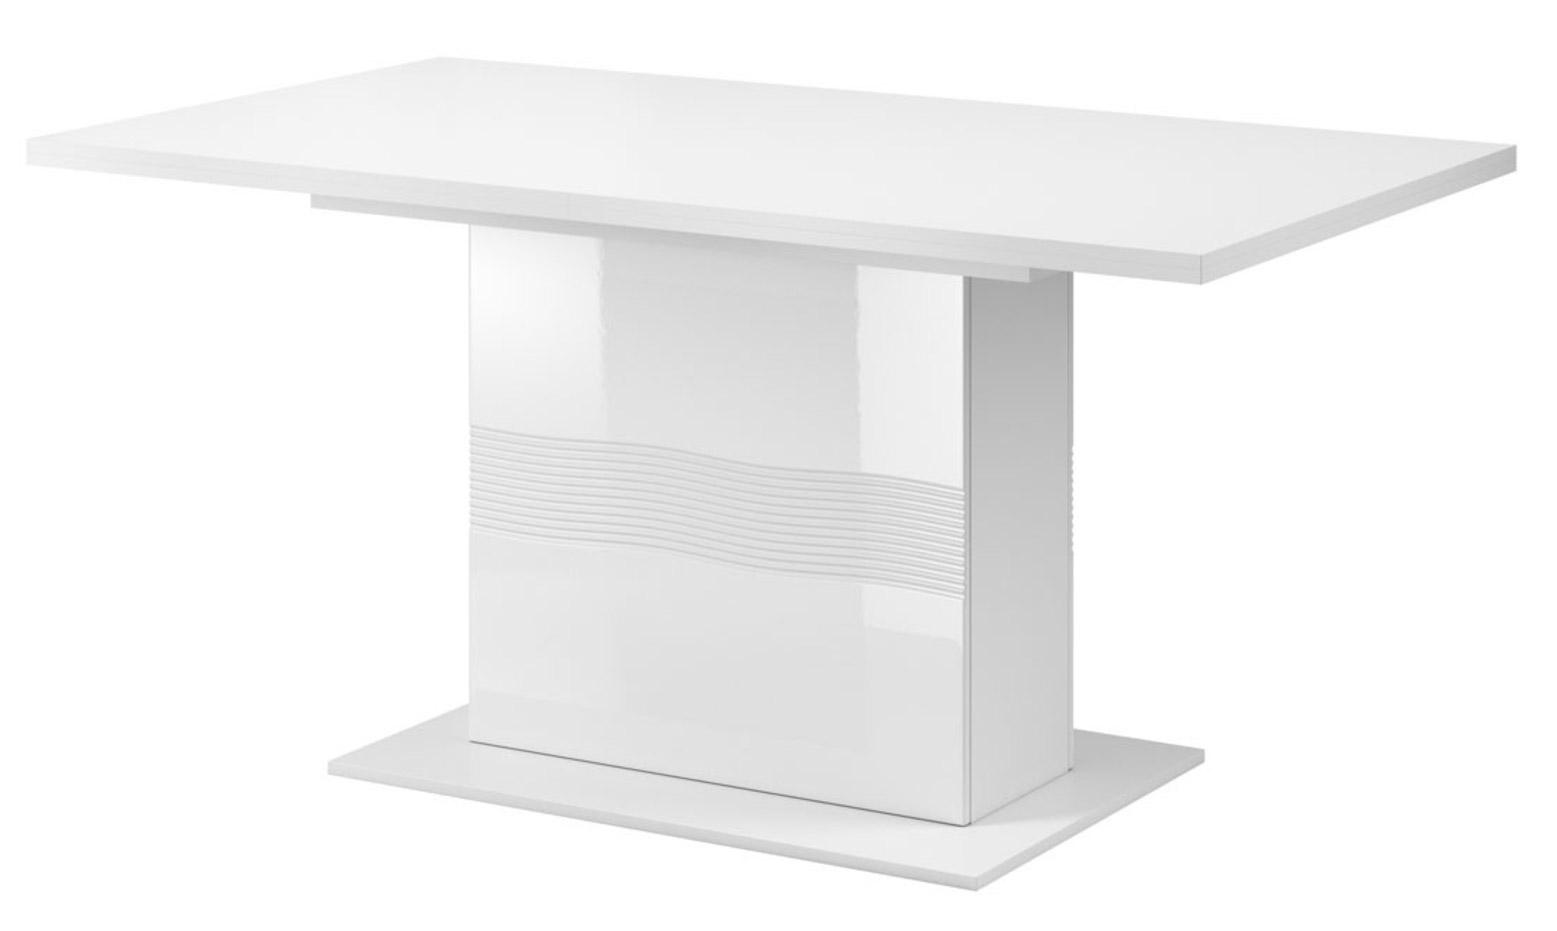 Bílý lesklý rozkládací stůl All star AB 10